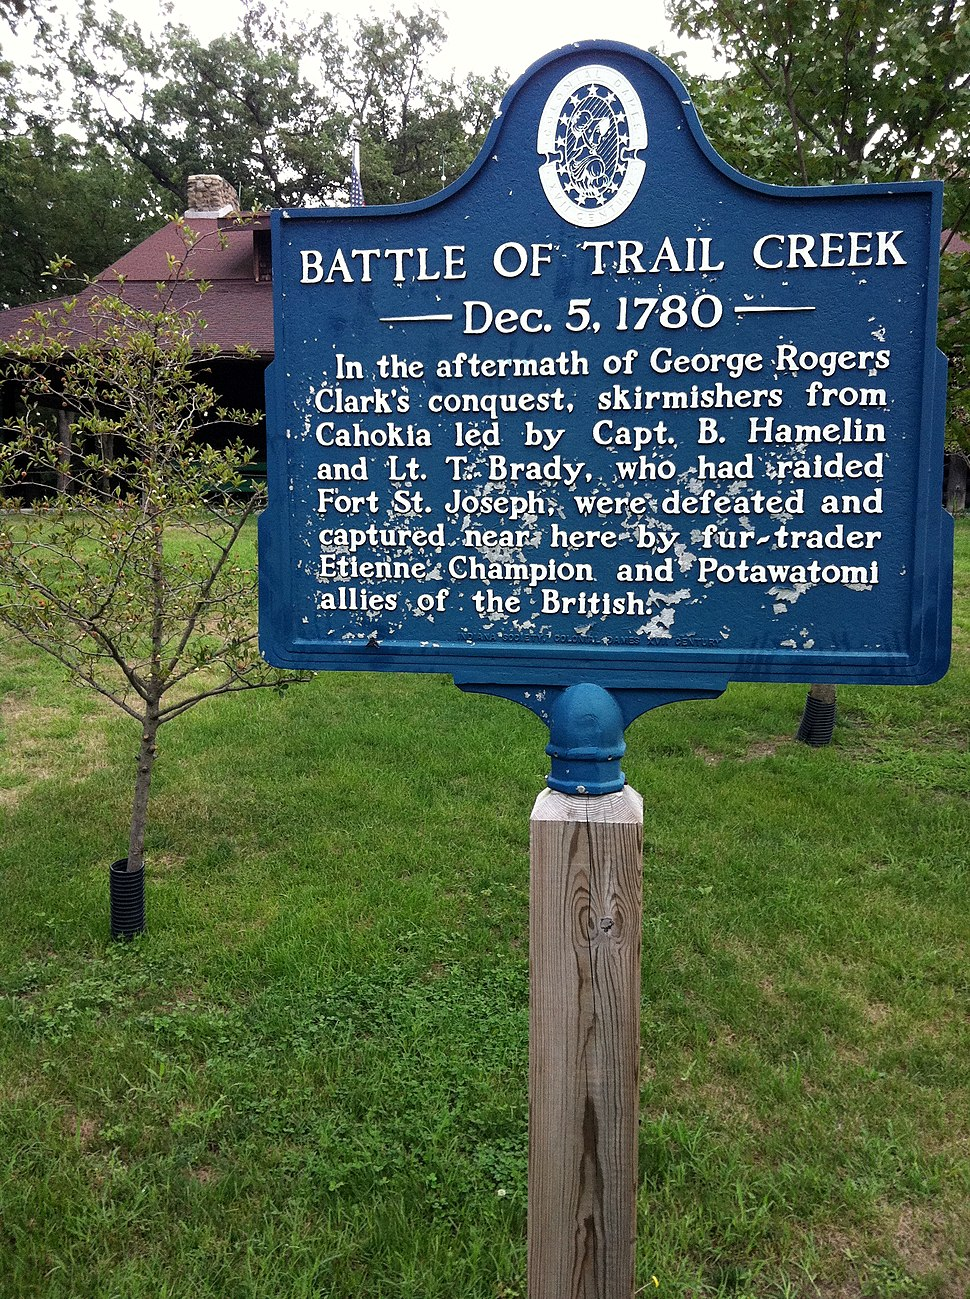 Battle of Trail Creek marker Liberty Trail, Michigan City, Indiana 2011-08-07